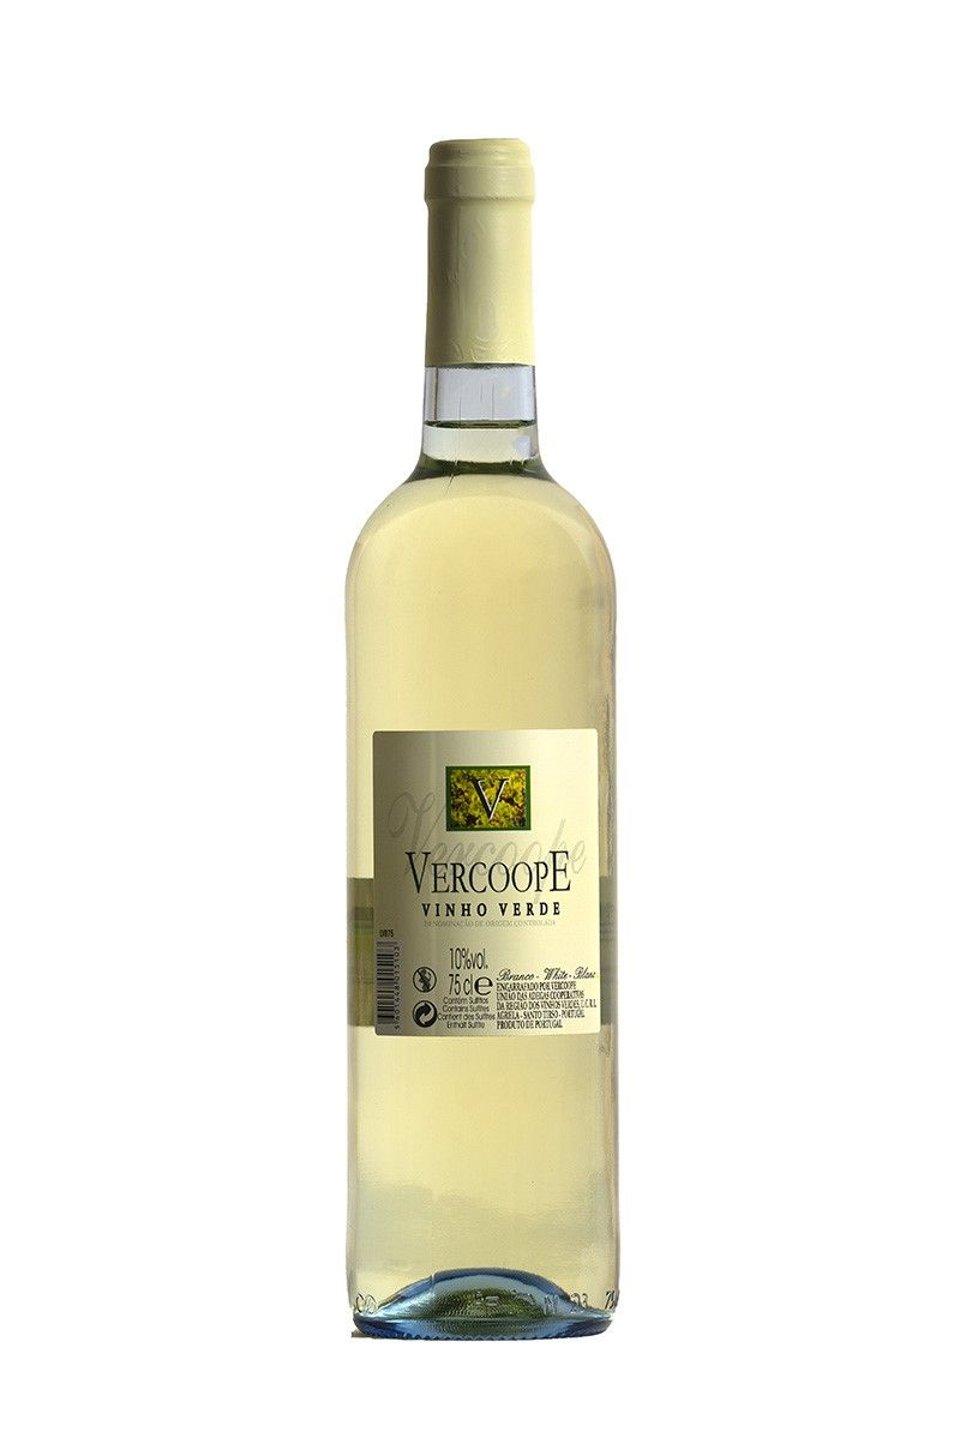 Vercoope Vinho Verde Branco